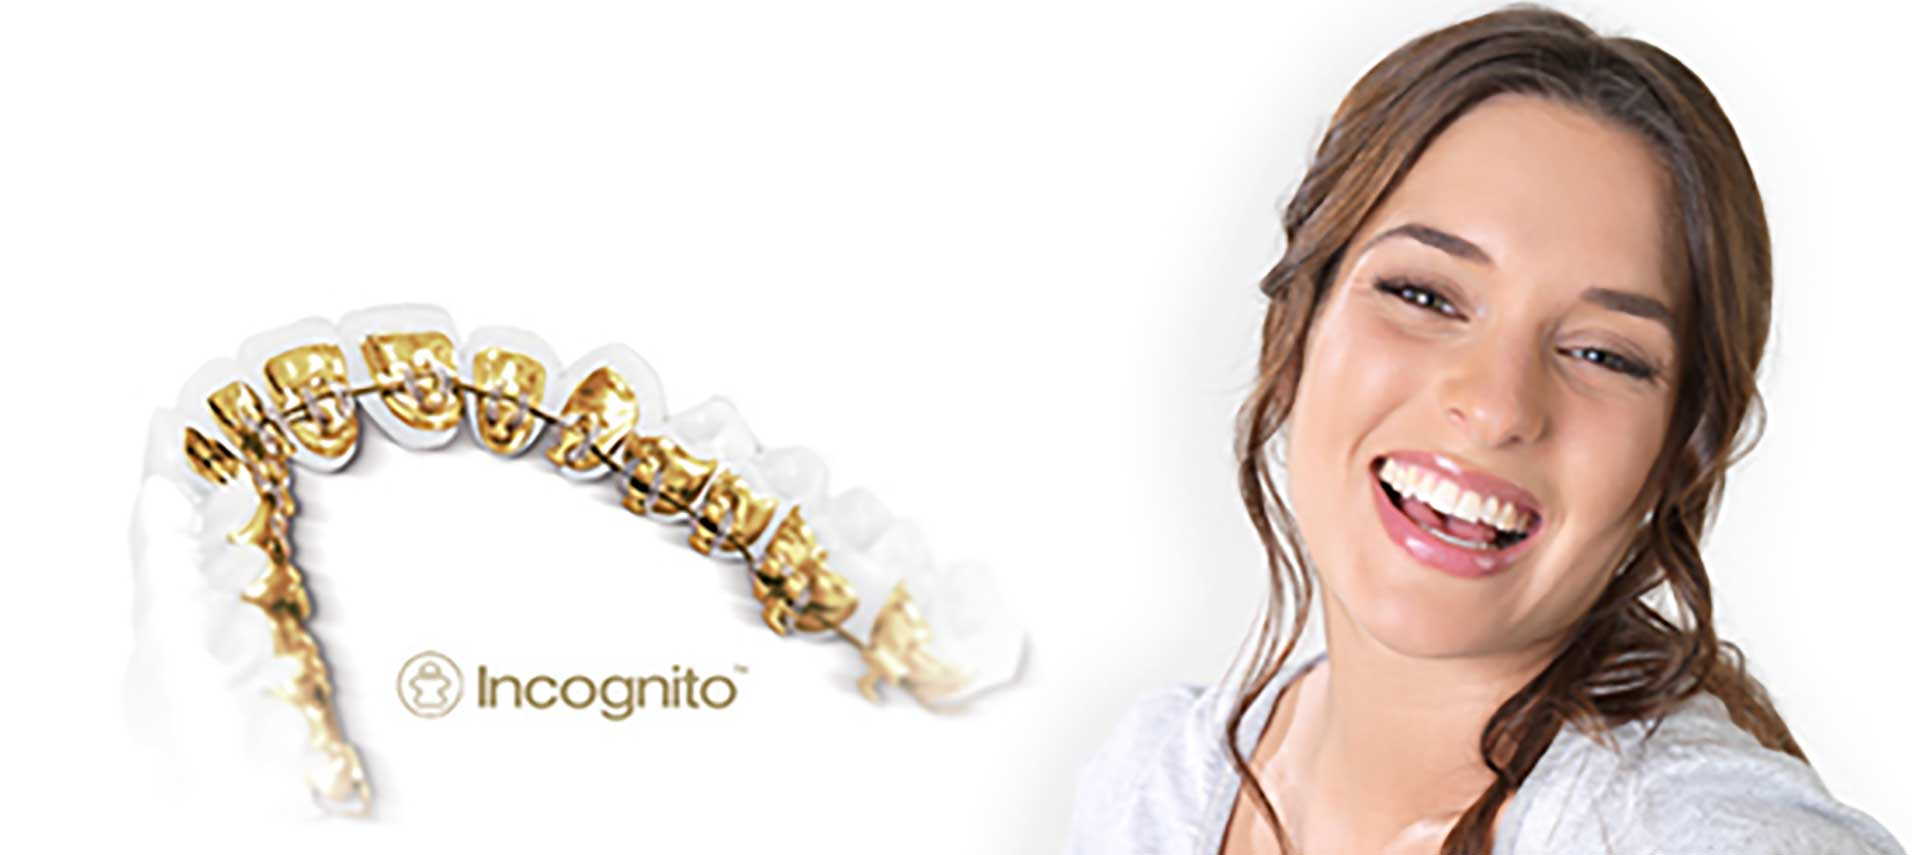 stomatoloska-ordinacija-vunjak-dental-clinic-incognito-lingvalna-tehnika-1